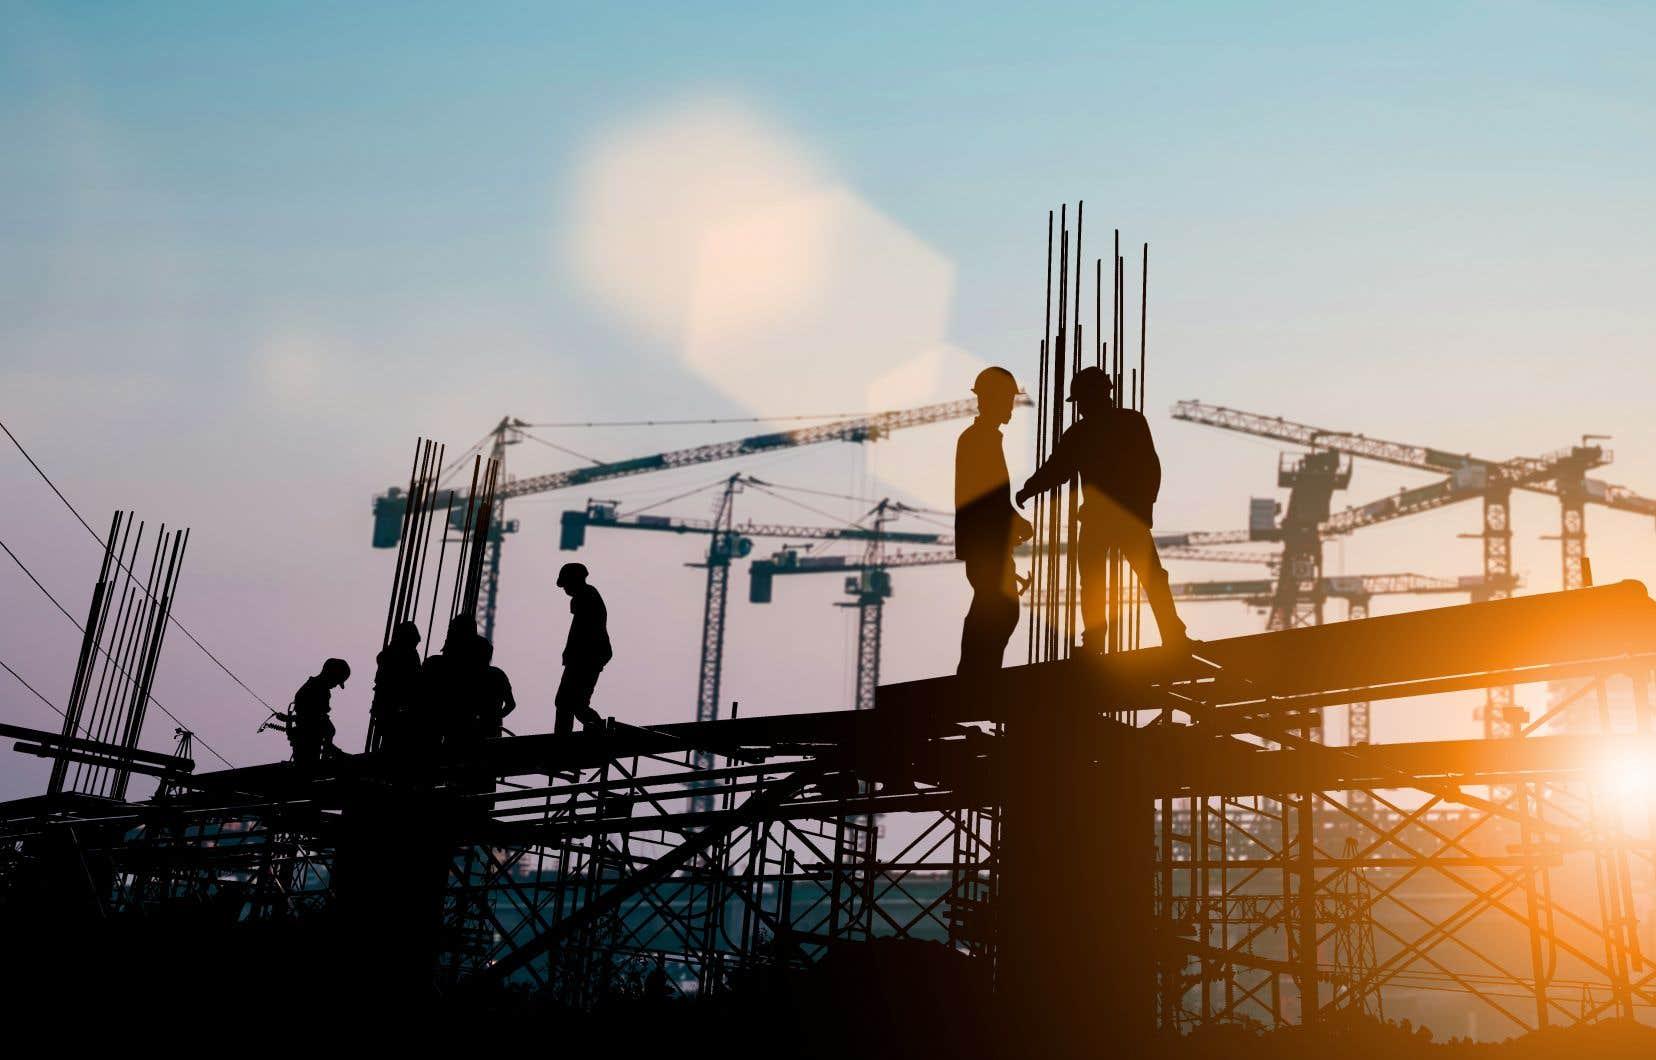 Pour relancer l'économie de la province, le Plan québécois des infrastructures prévoit des investissements de plus de 130 milliards sur 10 ans.